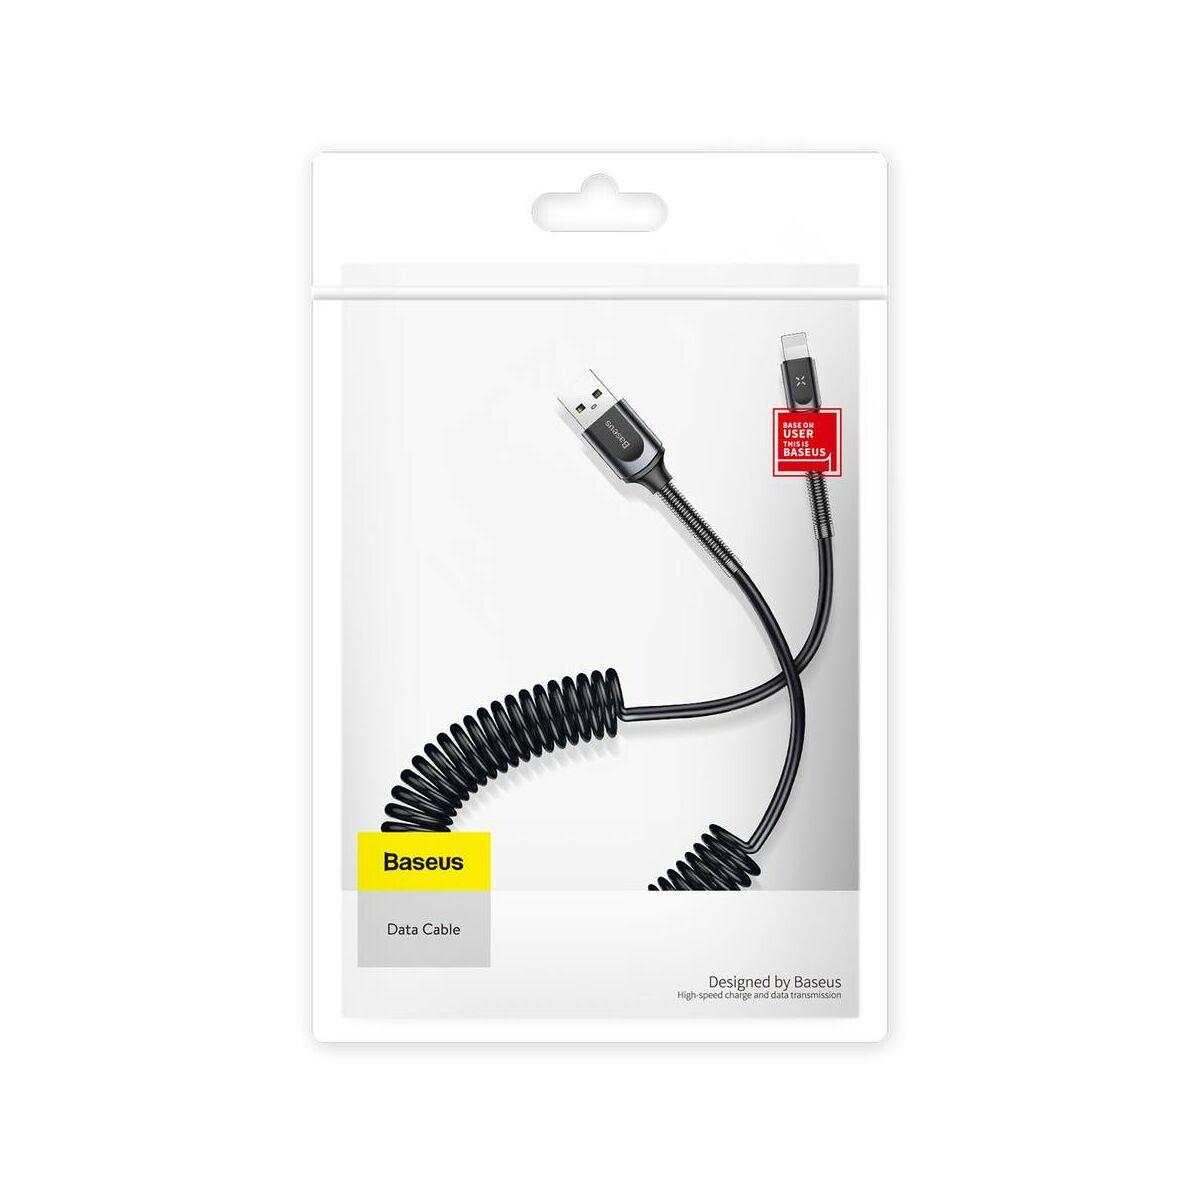 Baseus Lightning kábel, Double spring, flexibilis spirálivezeték, 2A, 1.2m, sötétszürke (CALSH-0G)